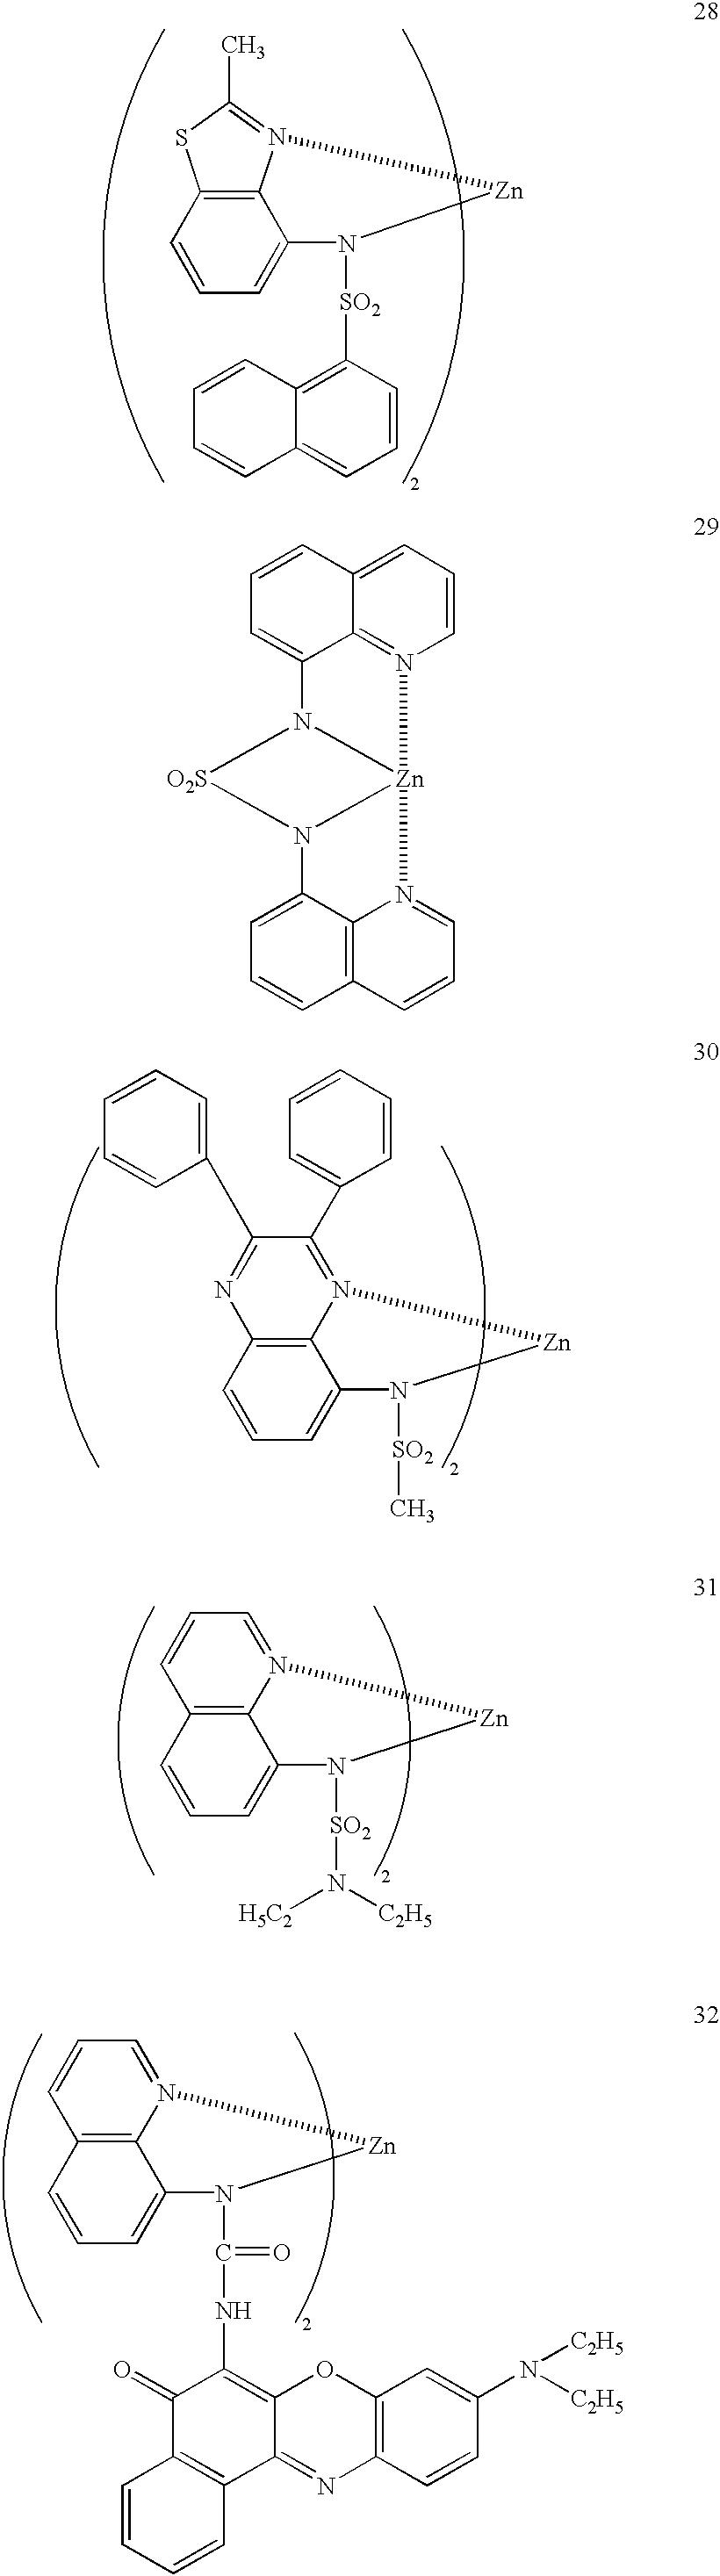 Figure US06528187-20030304-C00026